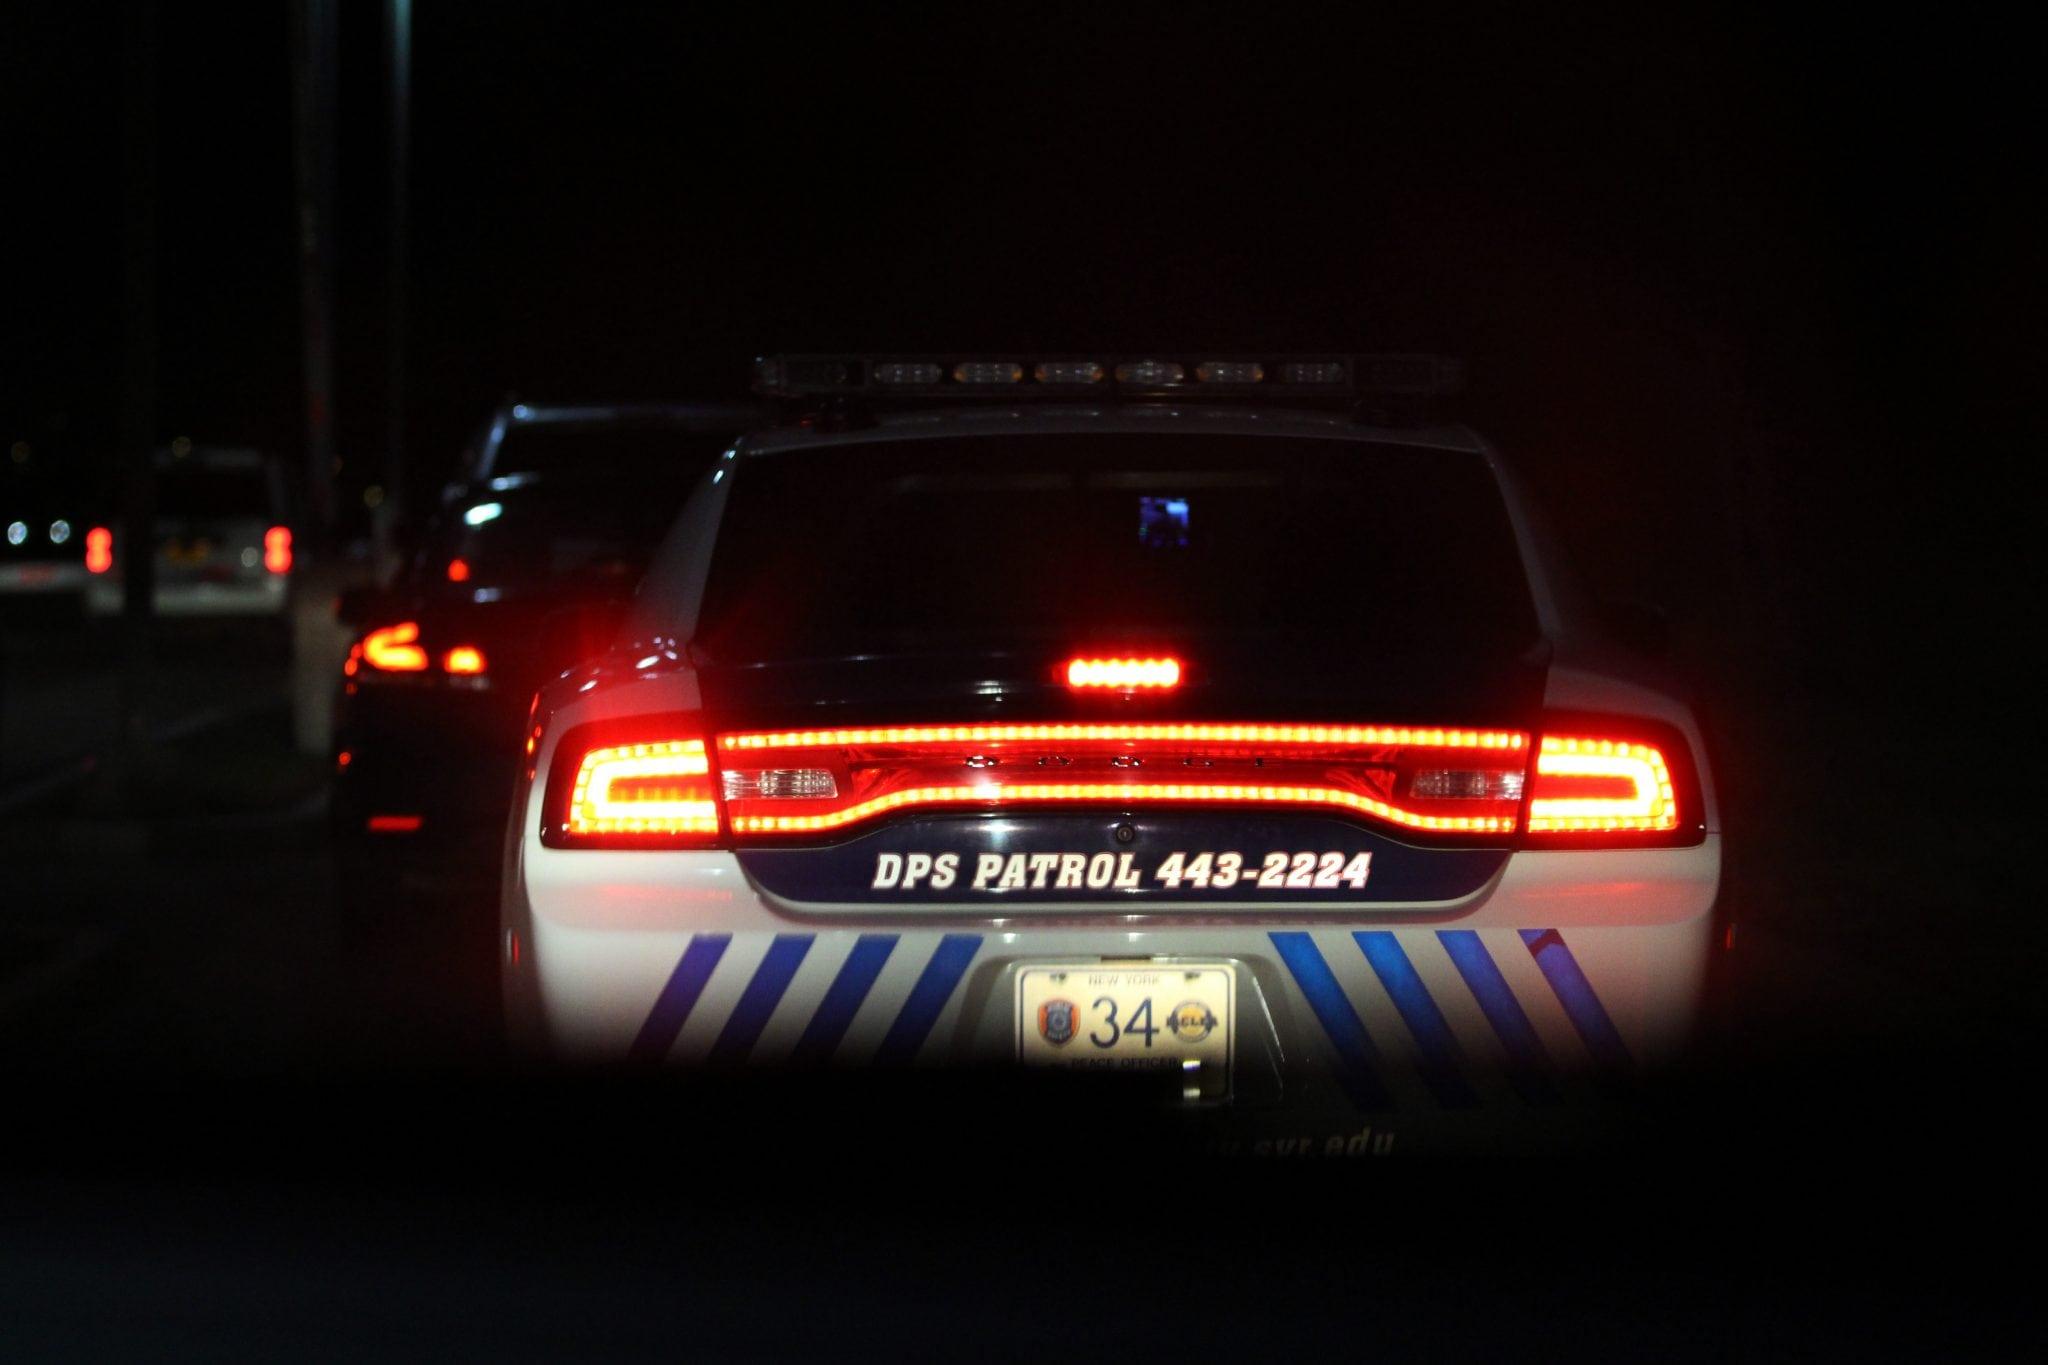 DPS Patrol car